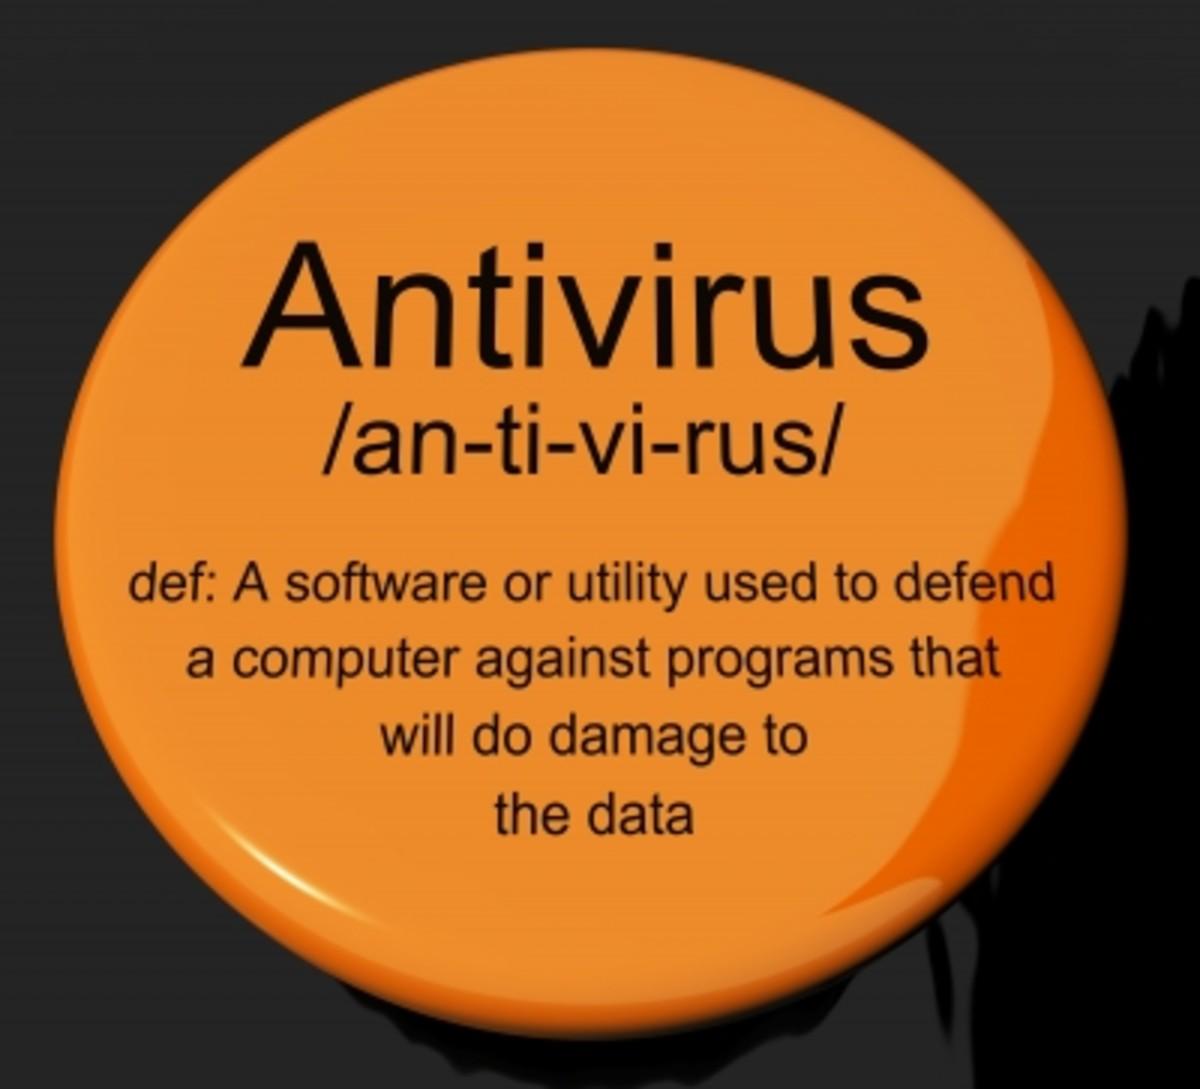 An antivirus button